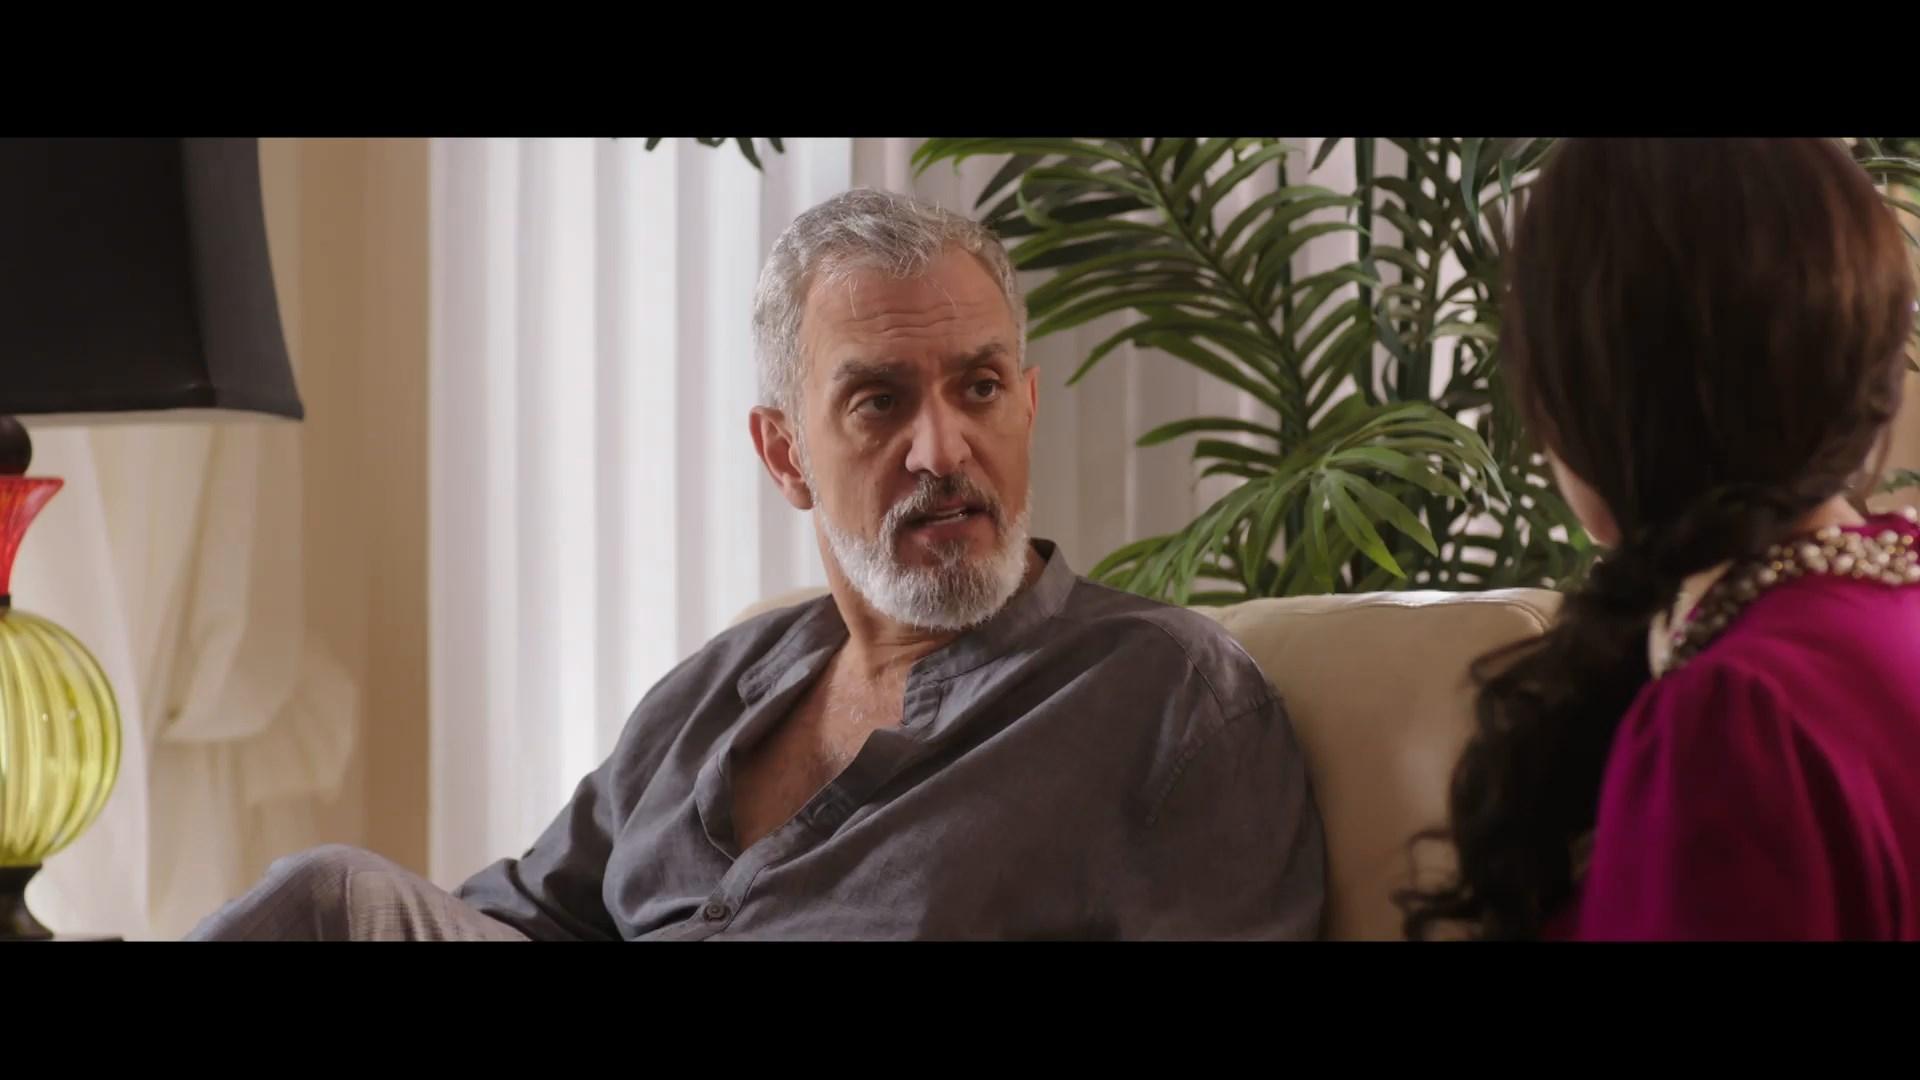 مسلسل قوت القلوب الجزء الثاني الحلقة الثالثة عشر (2020) 1080p تحميل تورنت 8 arabp2p.com